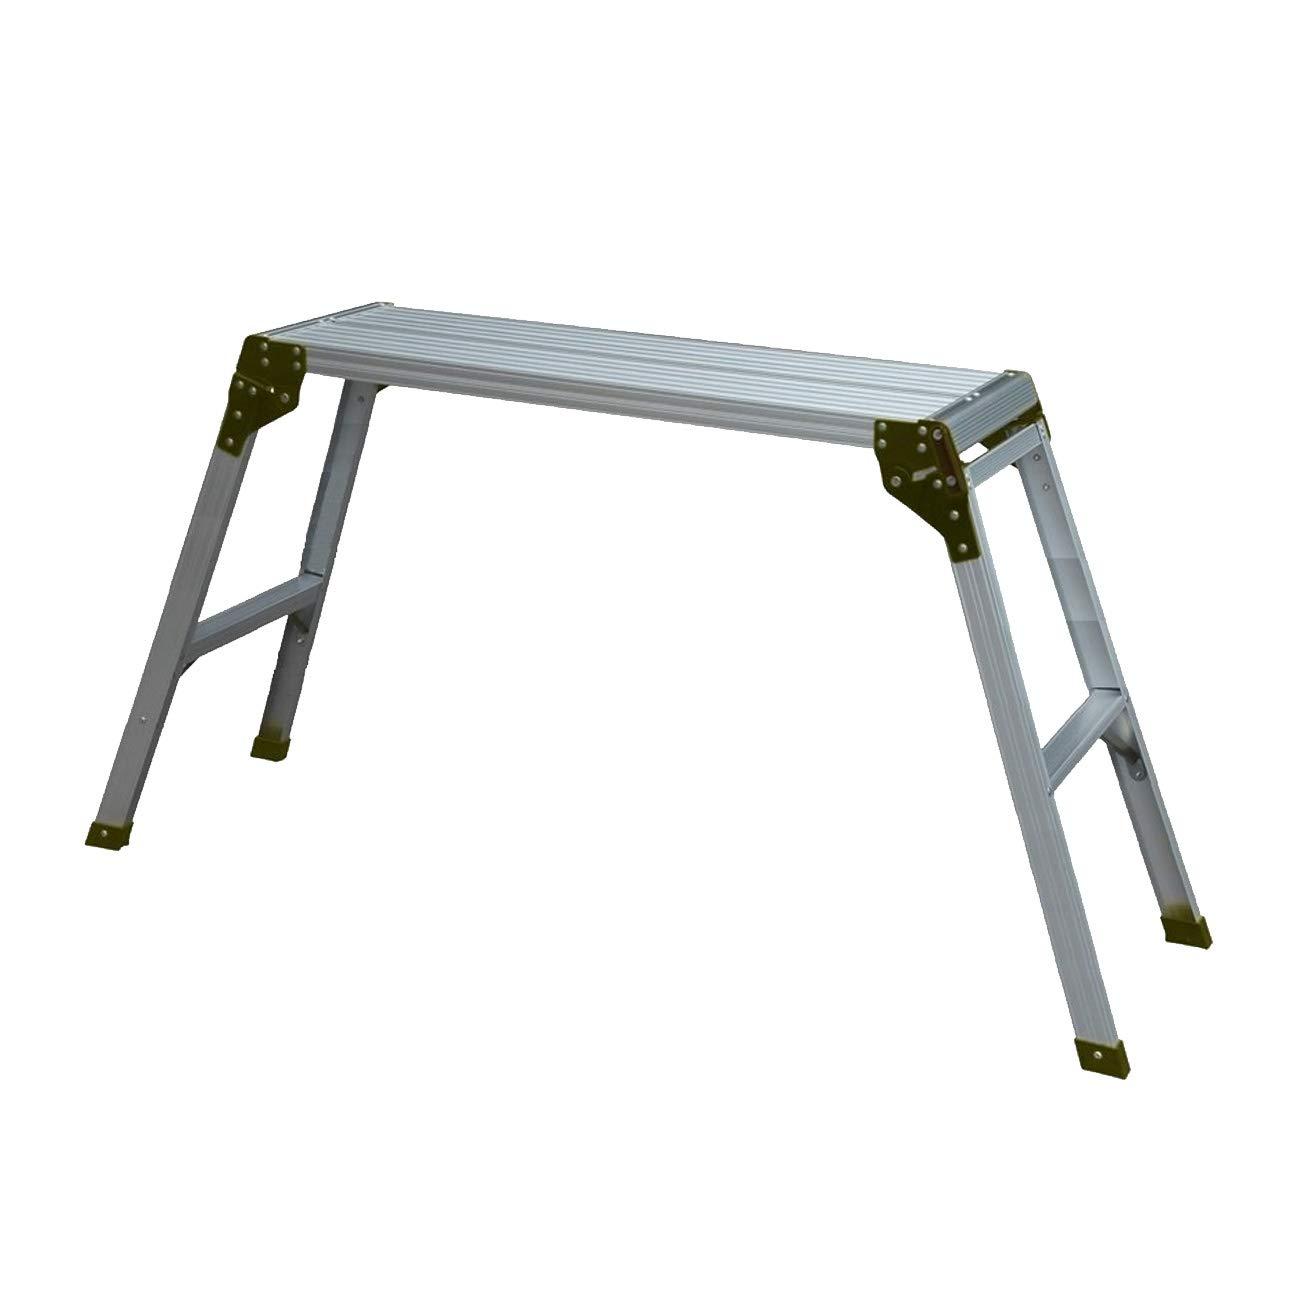 WORHAN® Plataforma de Trabajo Plegable Aluminio Podio Mesa Escalera H=75cm Compácta H2A WORHAN®